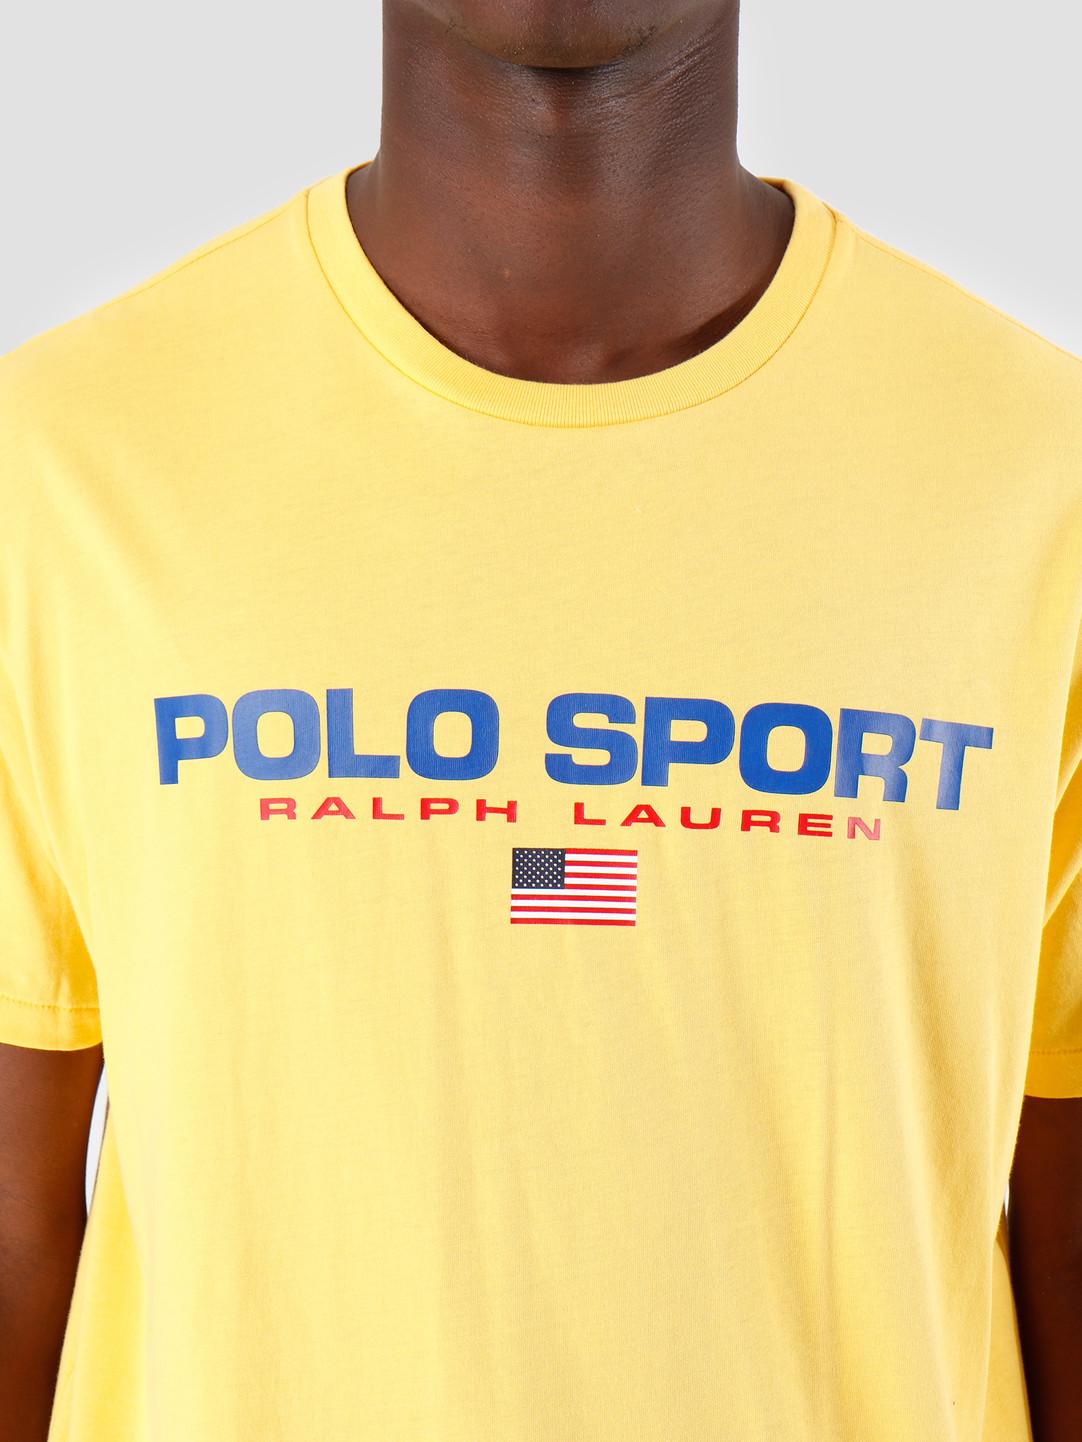 Lauren Yellow Shirt 710750444006 Shortsleeve 1 T Ralph 26 Jersey Nw8n0m